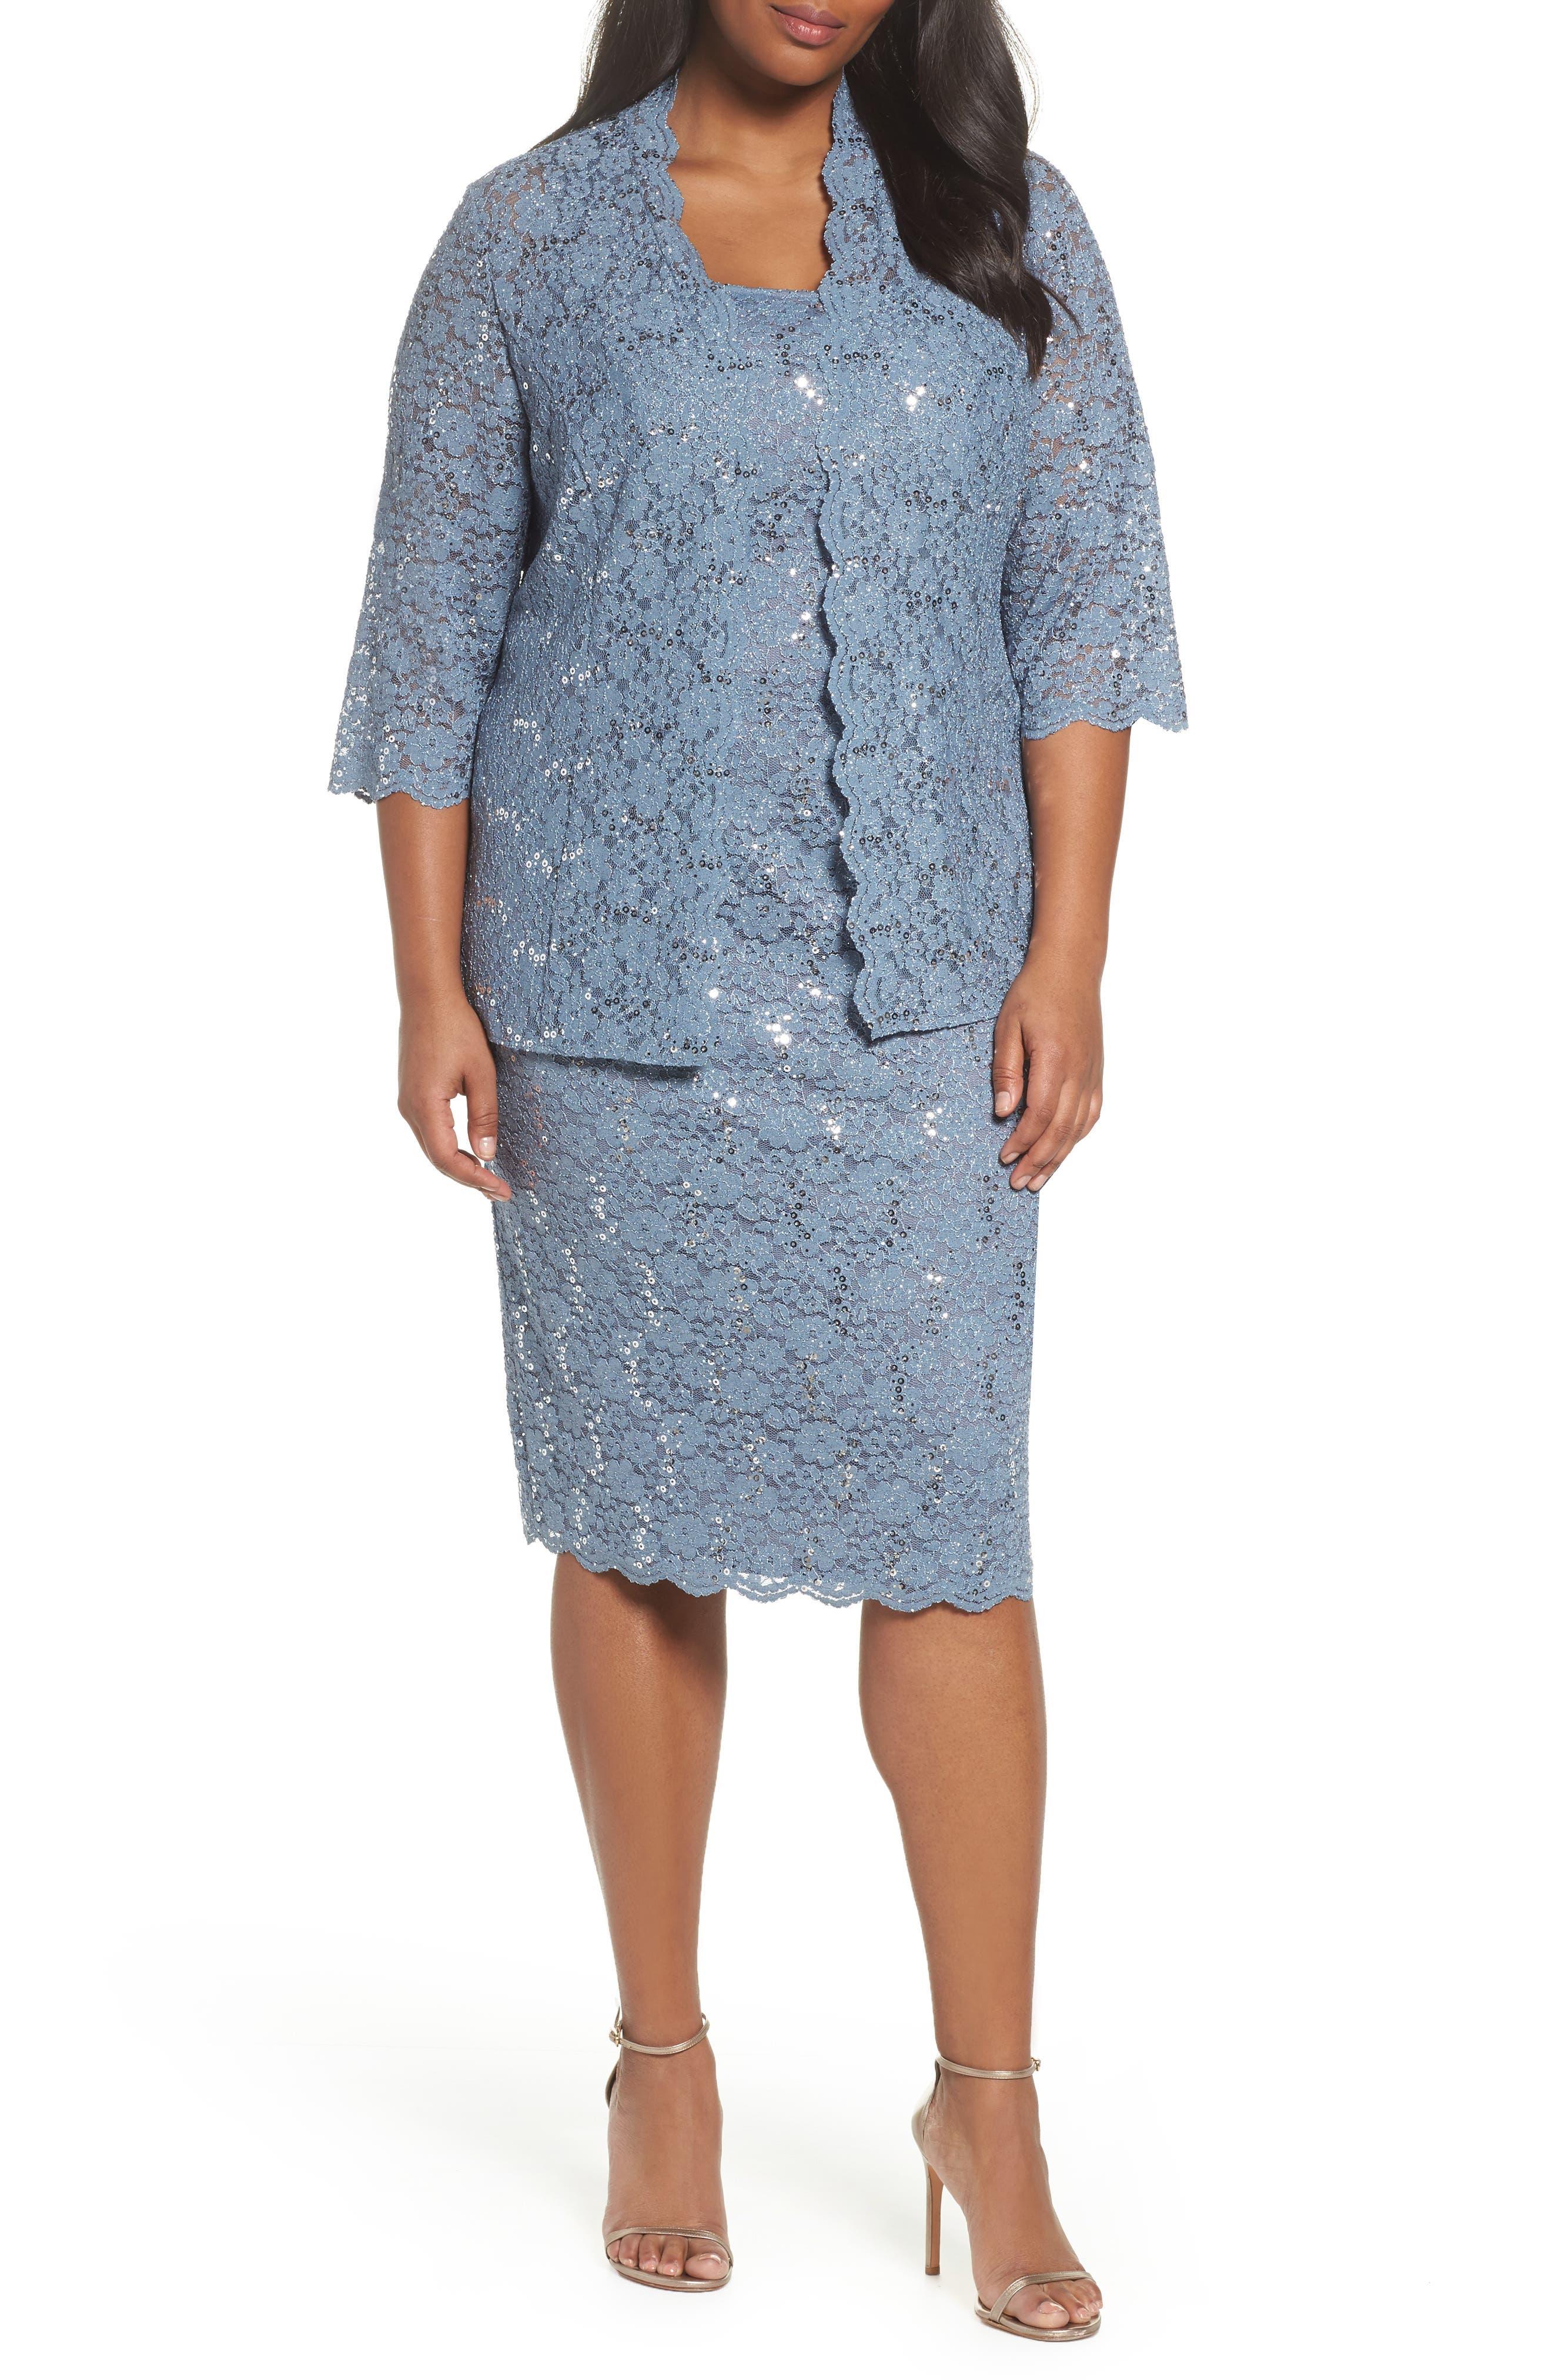 Sequin Lace Jacket Dress,                             Main thumbnail 1, color,                             Steel Blue